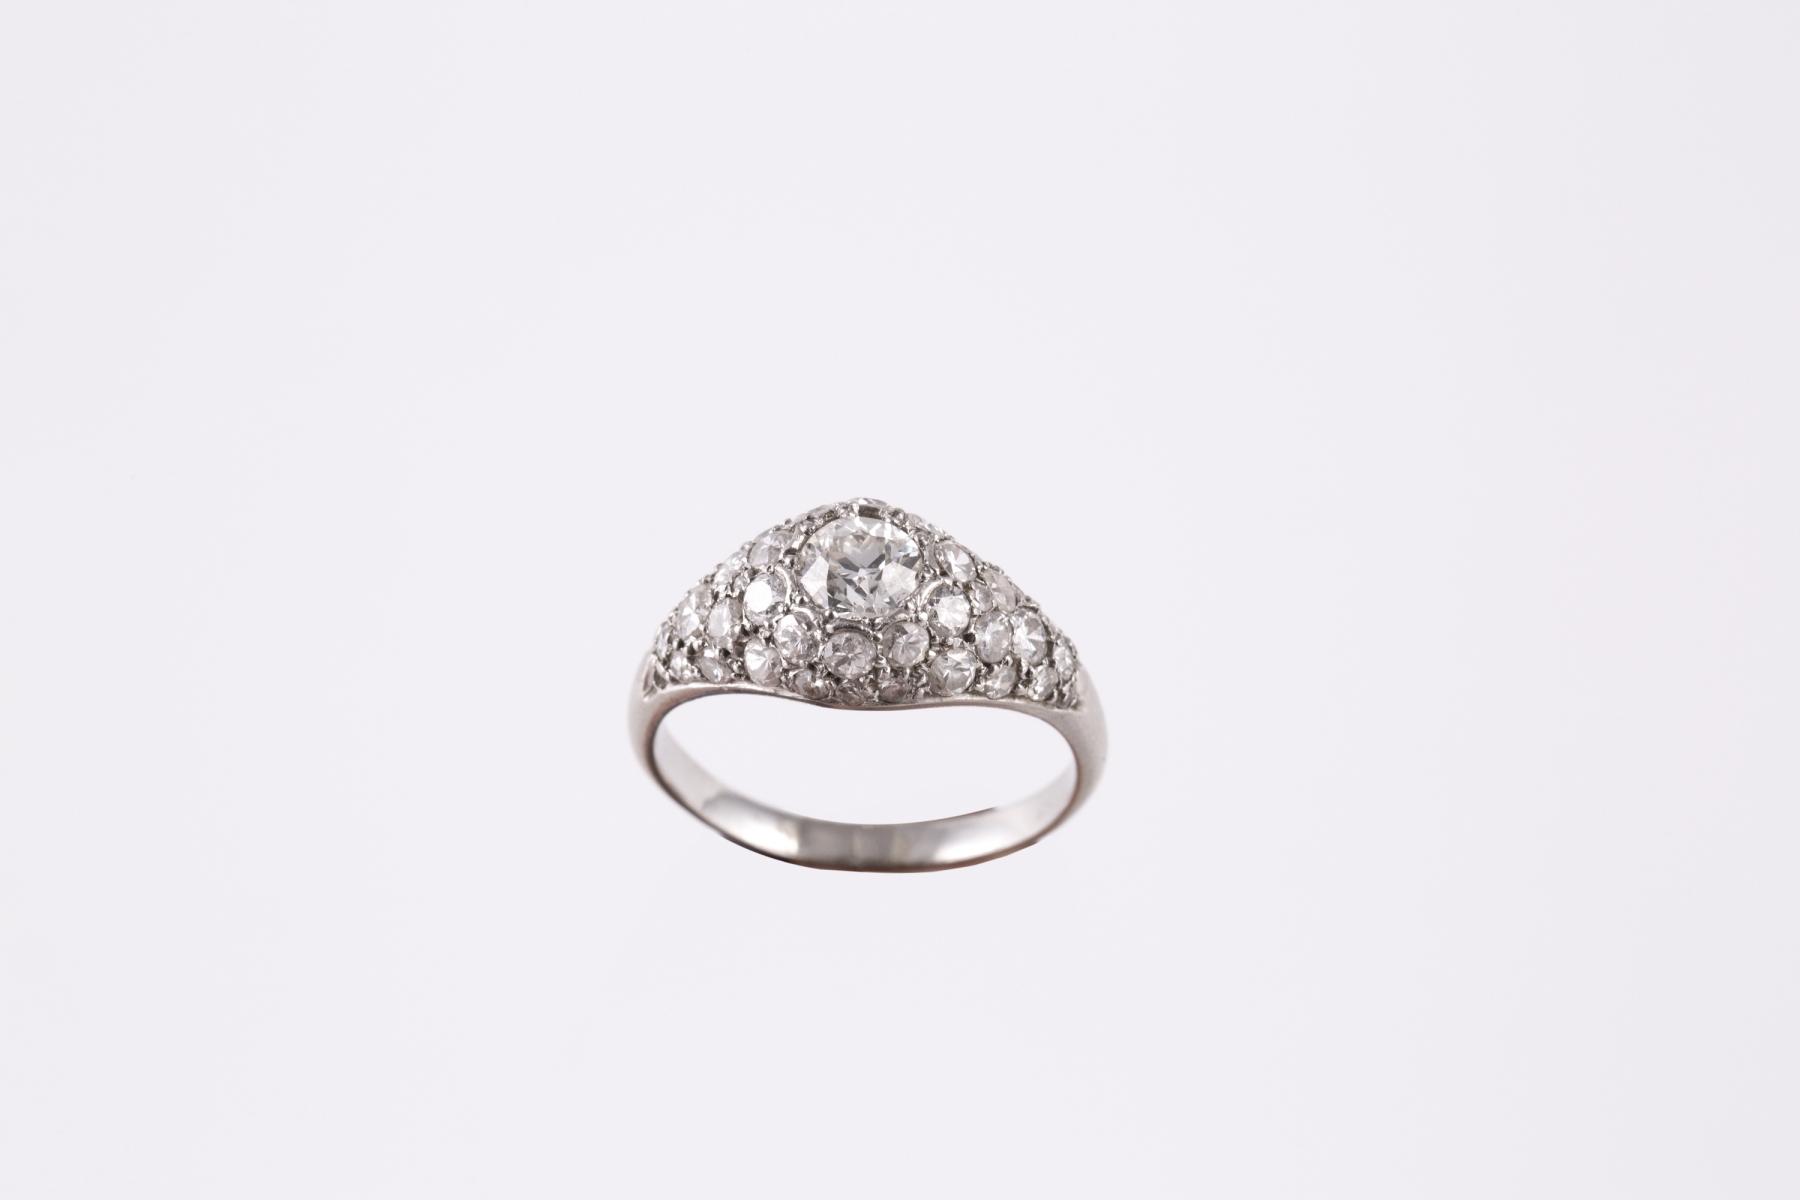 255- Bague en platine sertie d'un diamant d'environ 2 carats. Adjugé 1500€